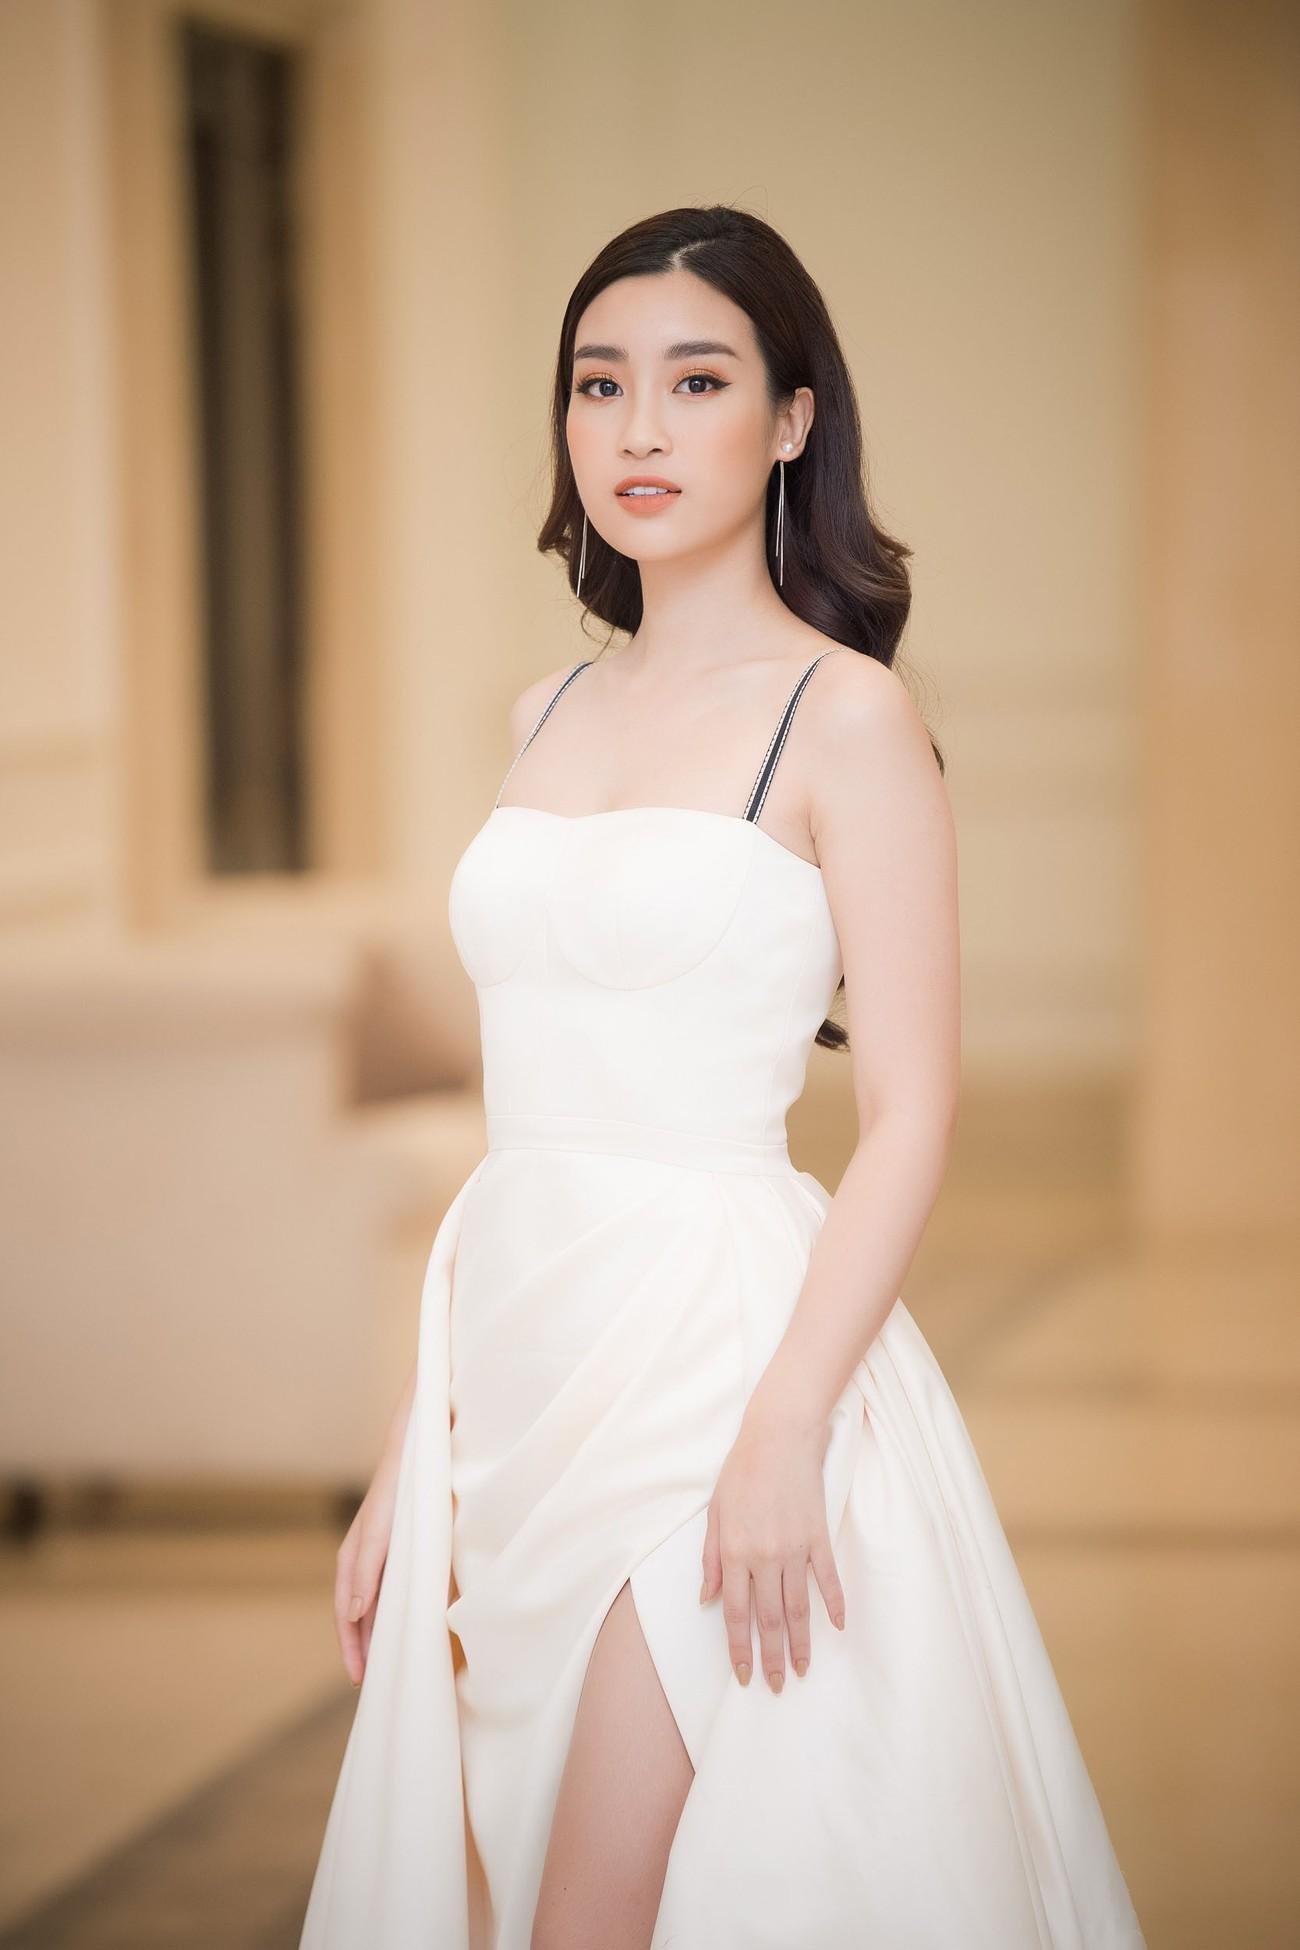 Hoa hậu Thu Thuỷ tái xuất, hội ngộ cùng dàn Hoa, Á hậu đình đám ảnh 2